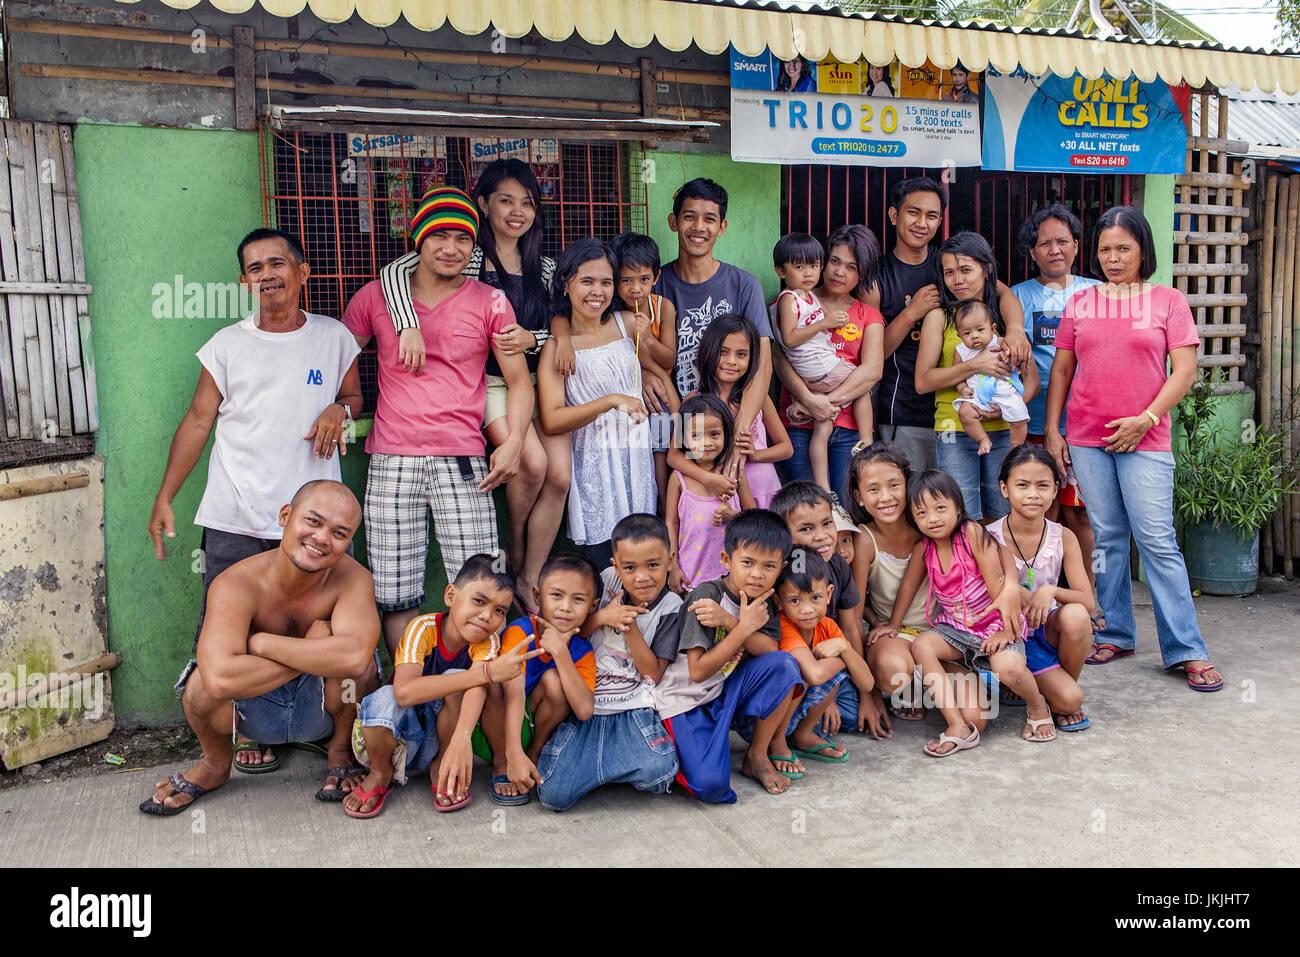 Craigslist frauen suchen männer philippinen